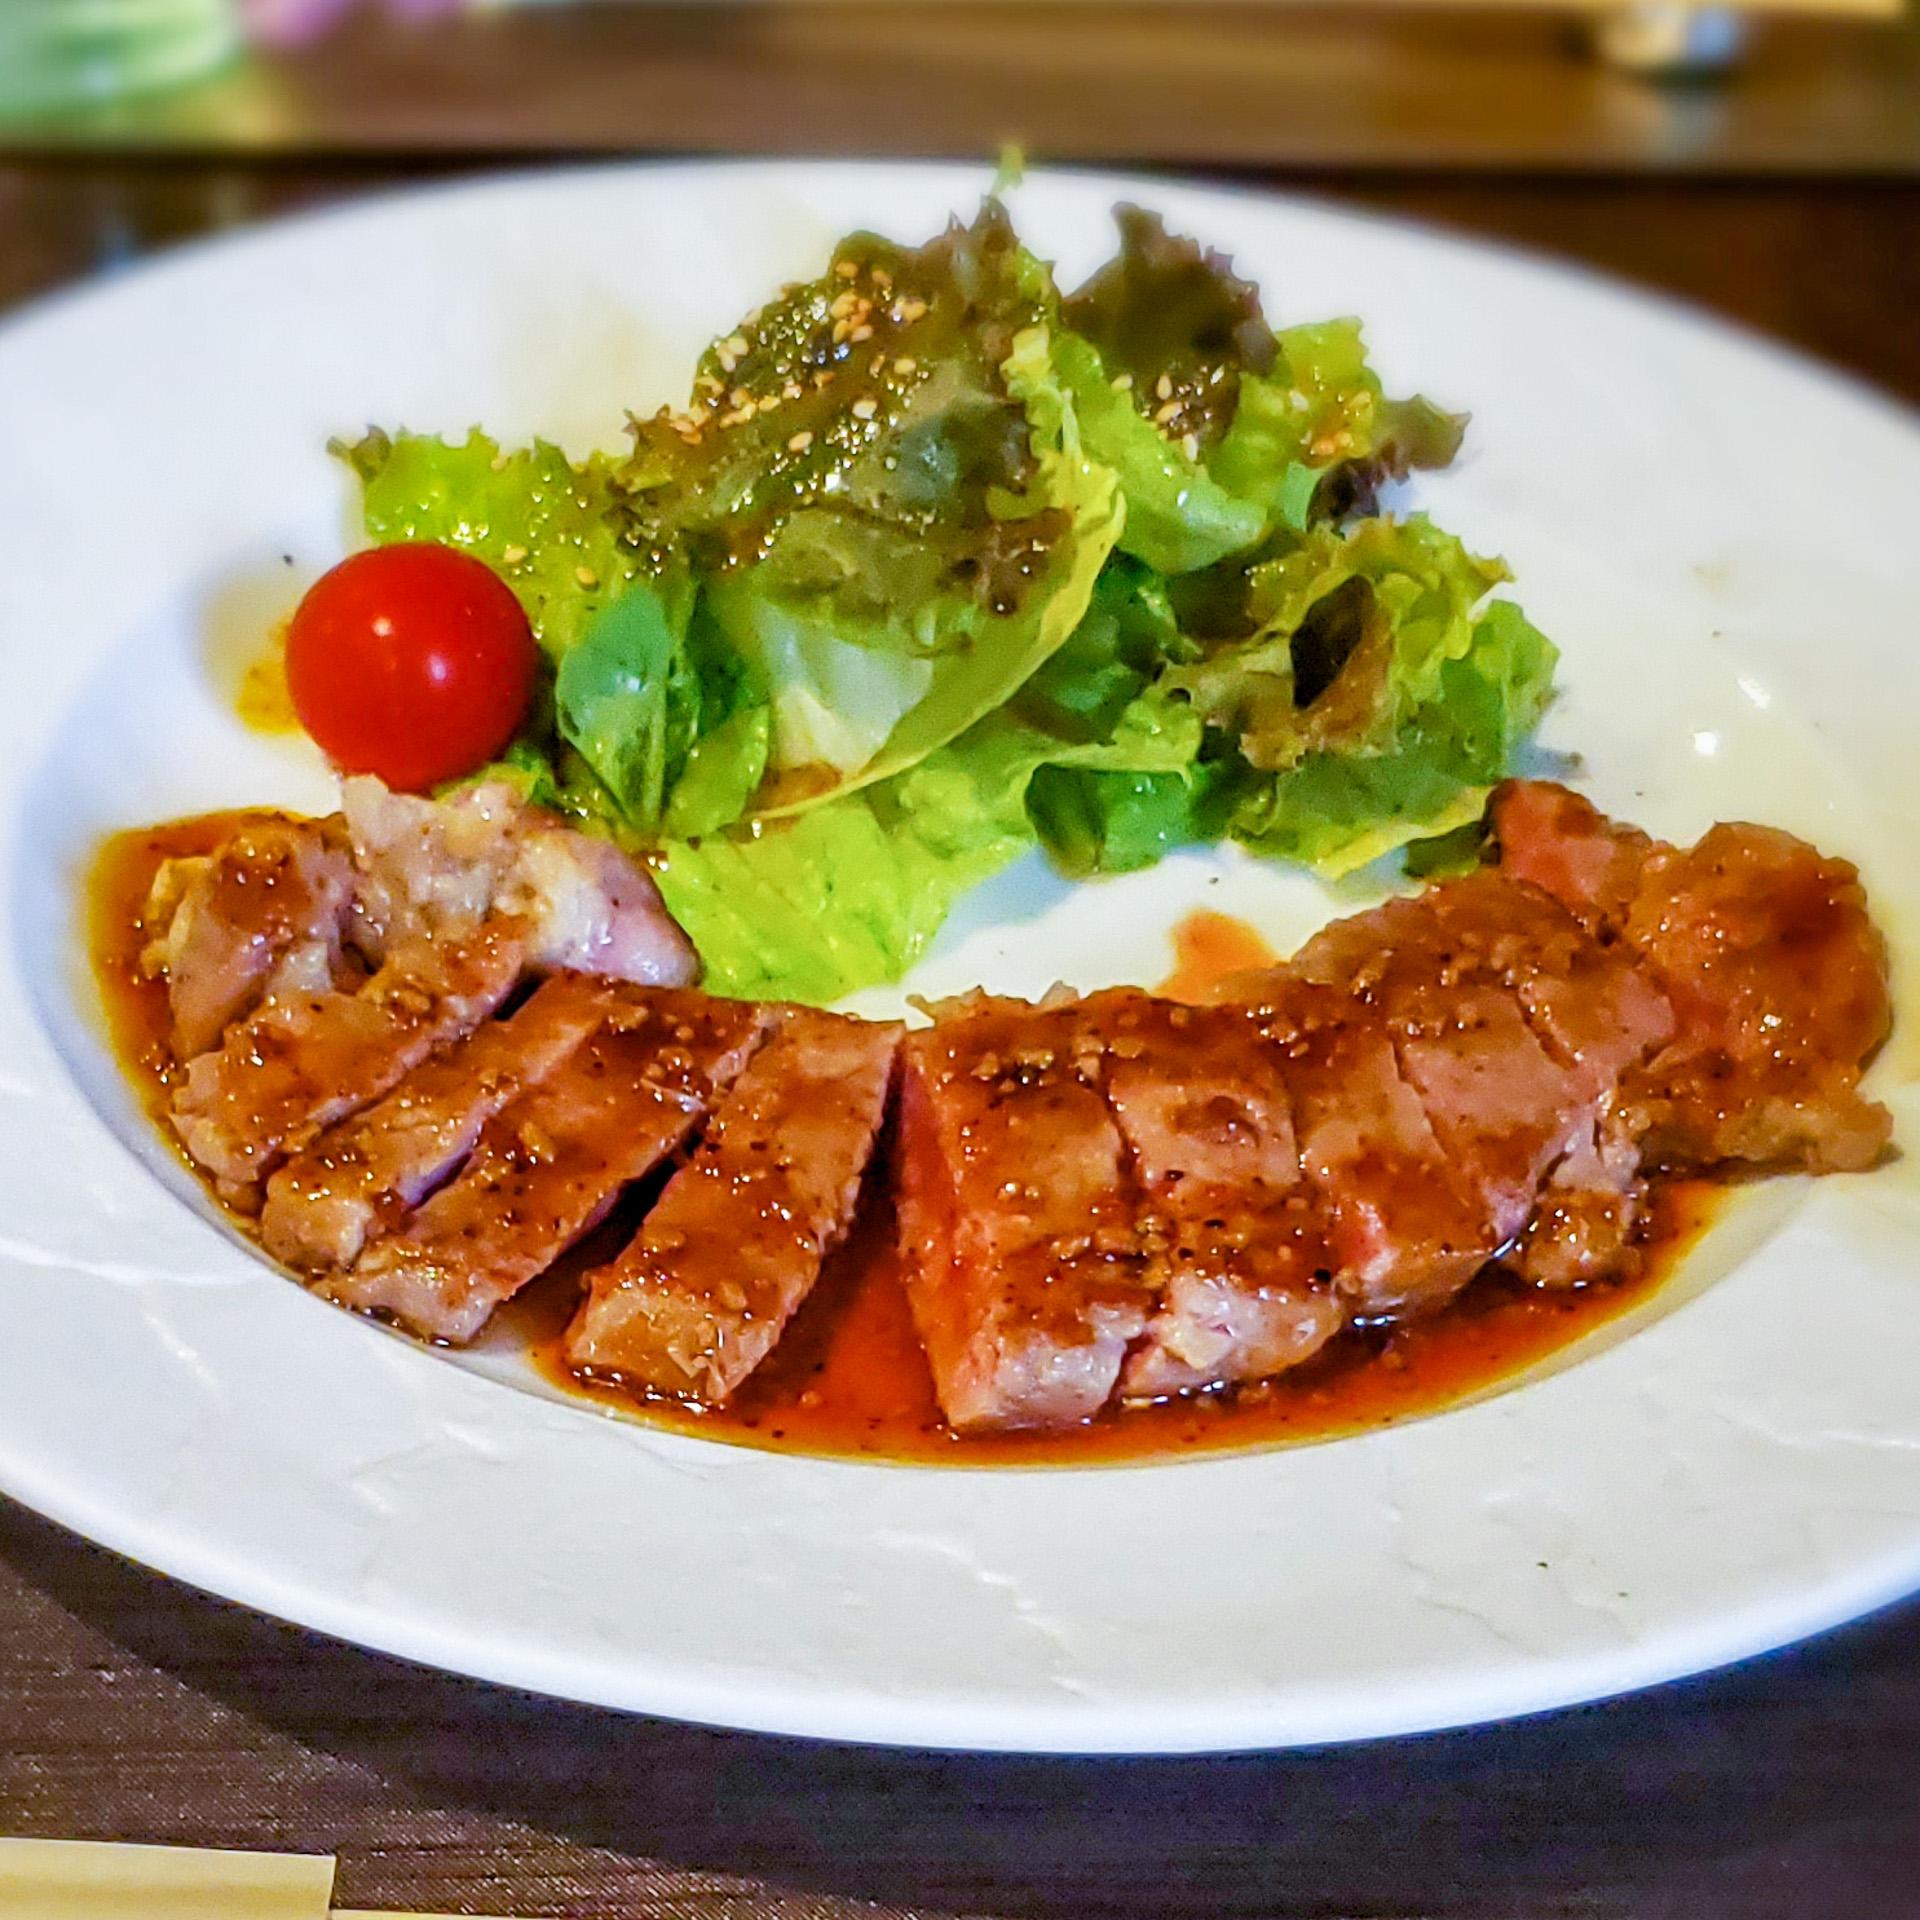 岡山らぁめん 心太 | 札幌で食べる初めての岡山ラーメンのお味は? 8